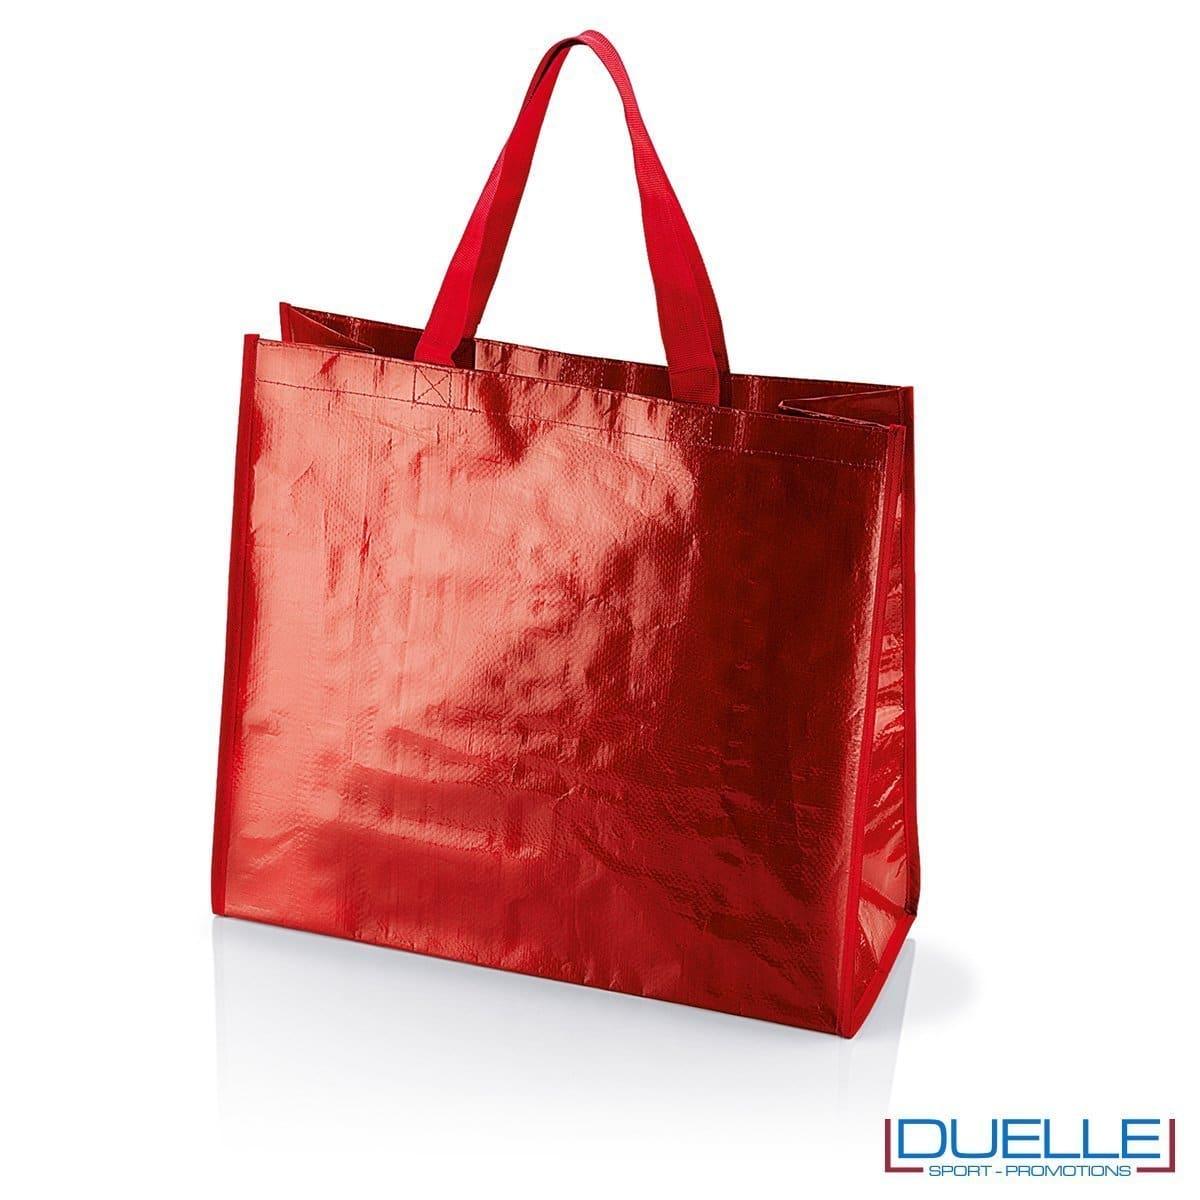 Shopper personalizzata il polipropilene rosso